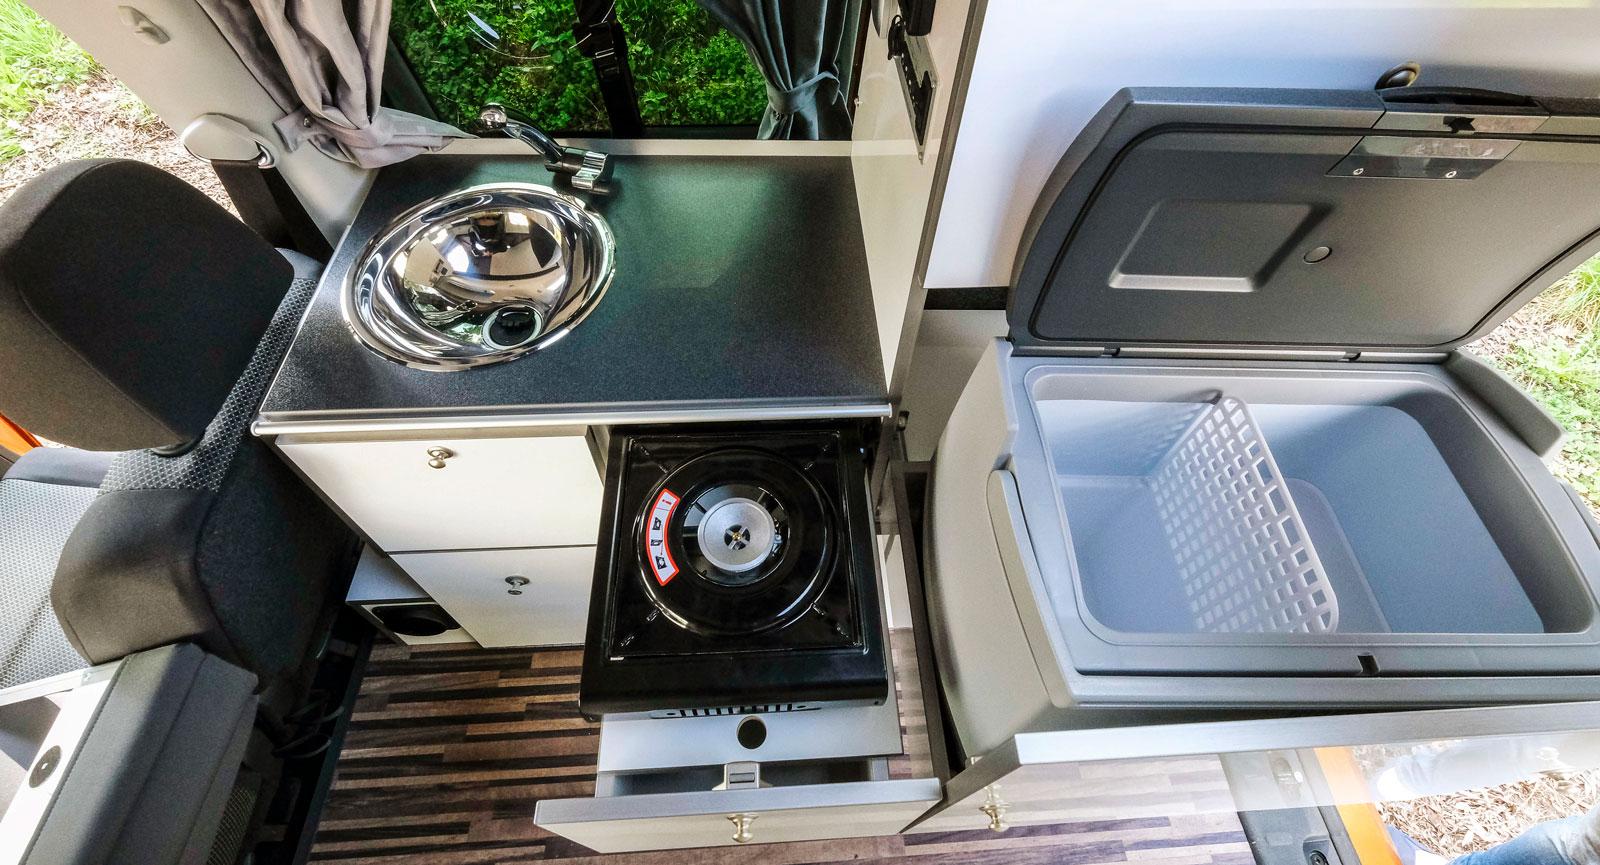 Köket är inte det största men allt finns, fast i mindre skala. Kylskåpet är en absorptionskylbox som rymmer 18 l och kan tas ut.